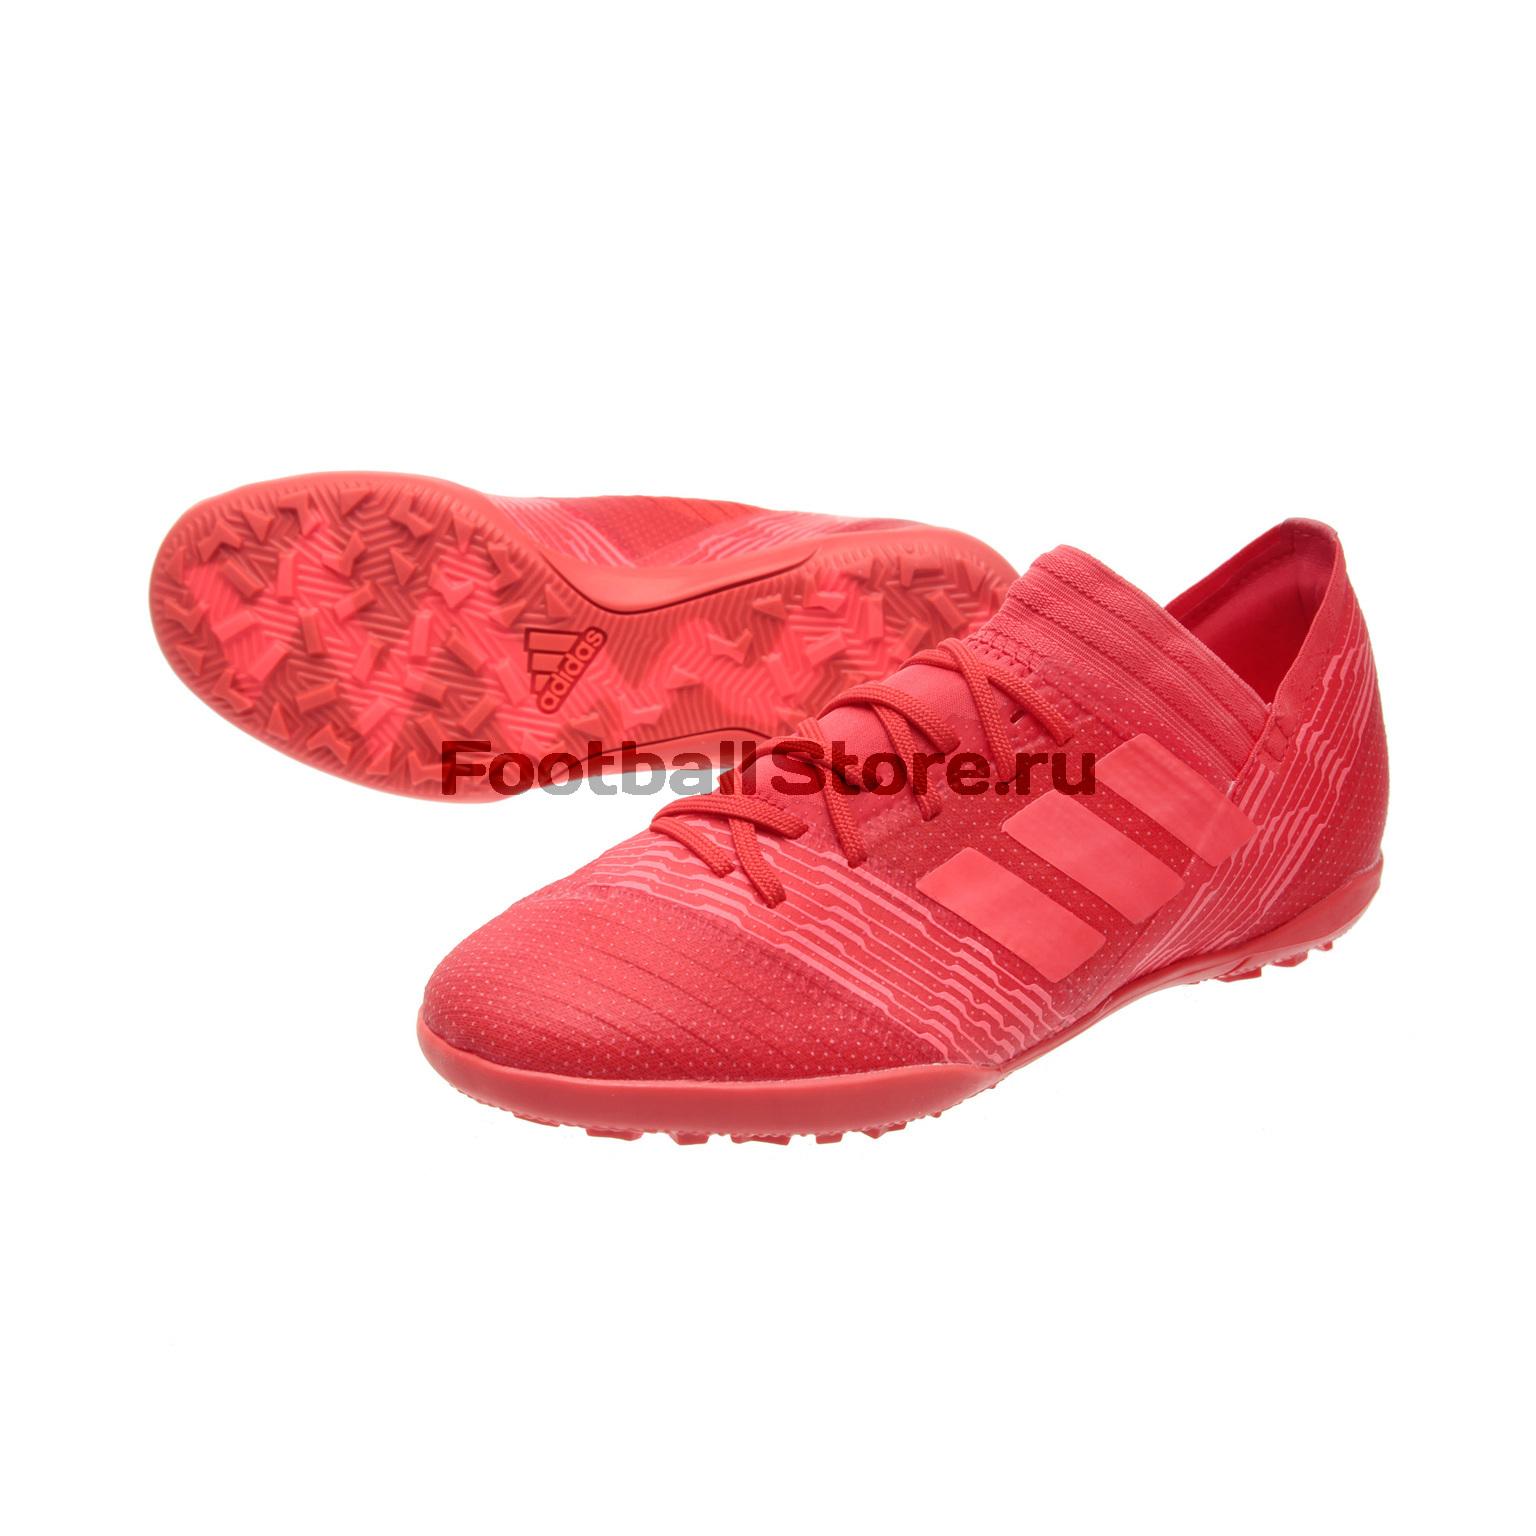 Шиповки детские Adidas Nemeziz Tango 17.3 TF CP9238 polish 12908 p